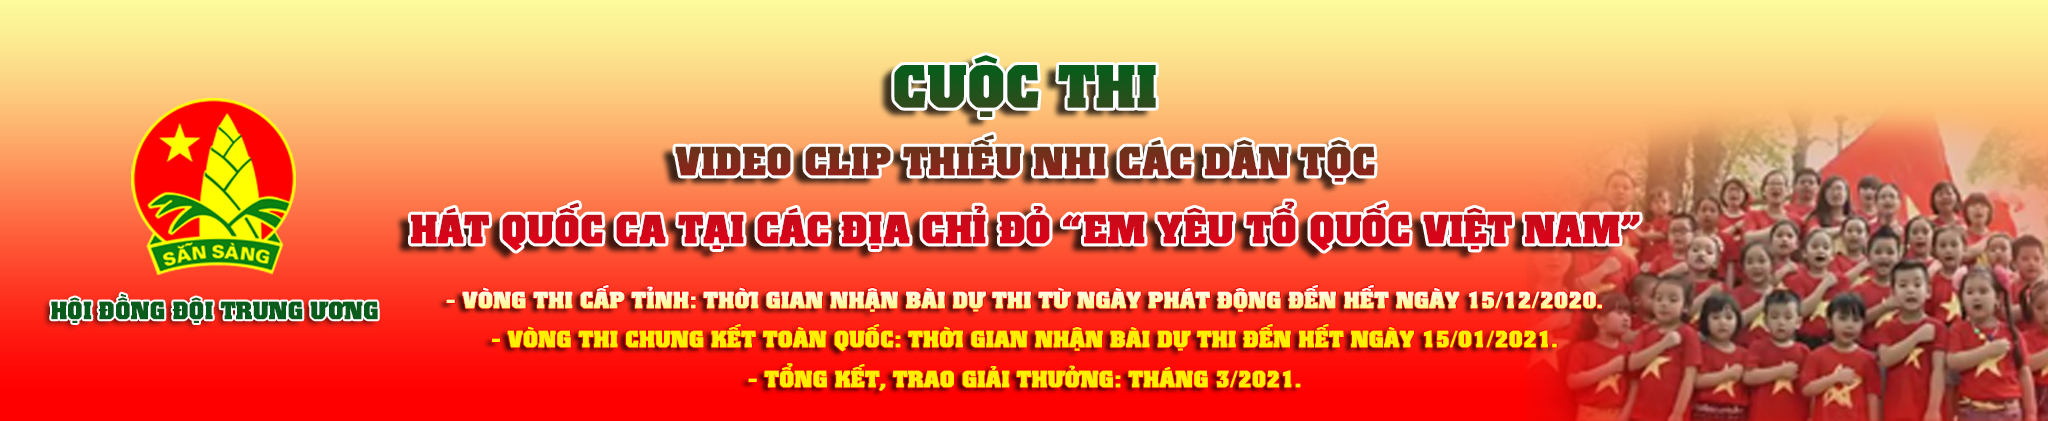 Banner MV hát quốc ca tại địa chỉ đỏ